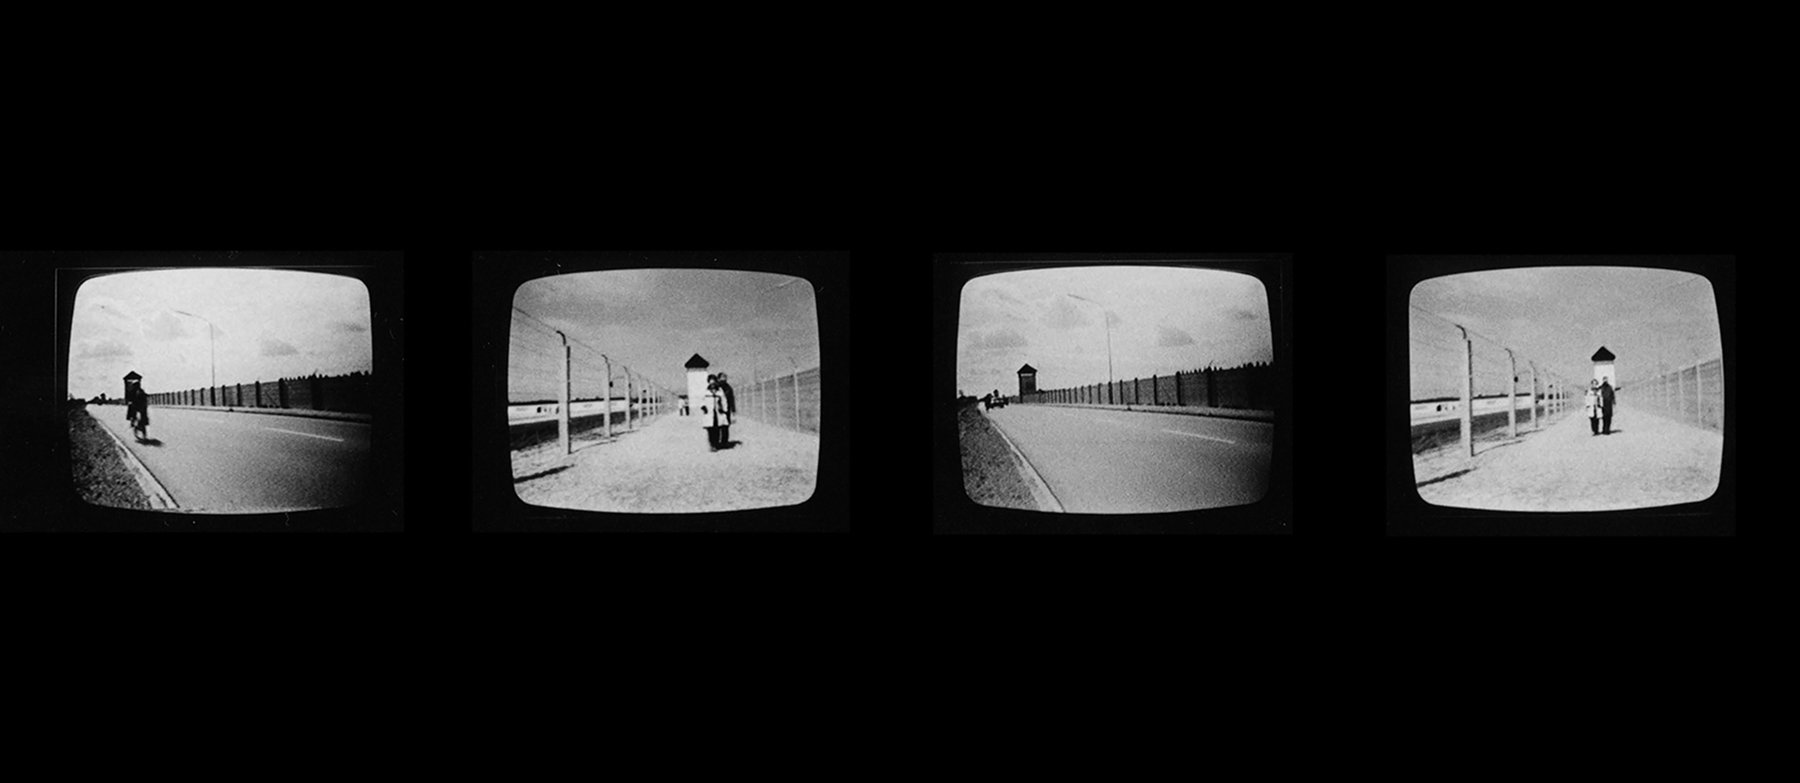 Video still, Beryl Korot, Dachau 1974